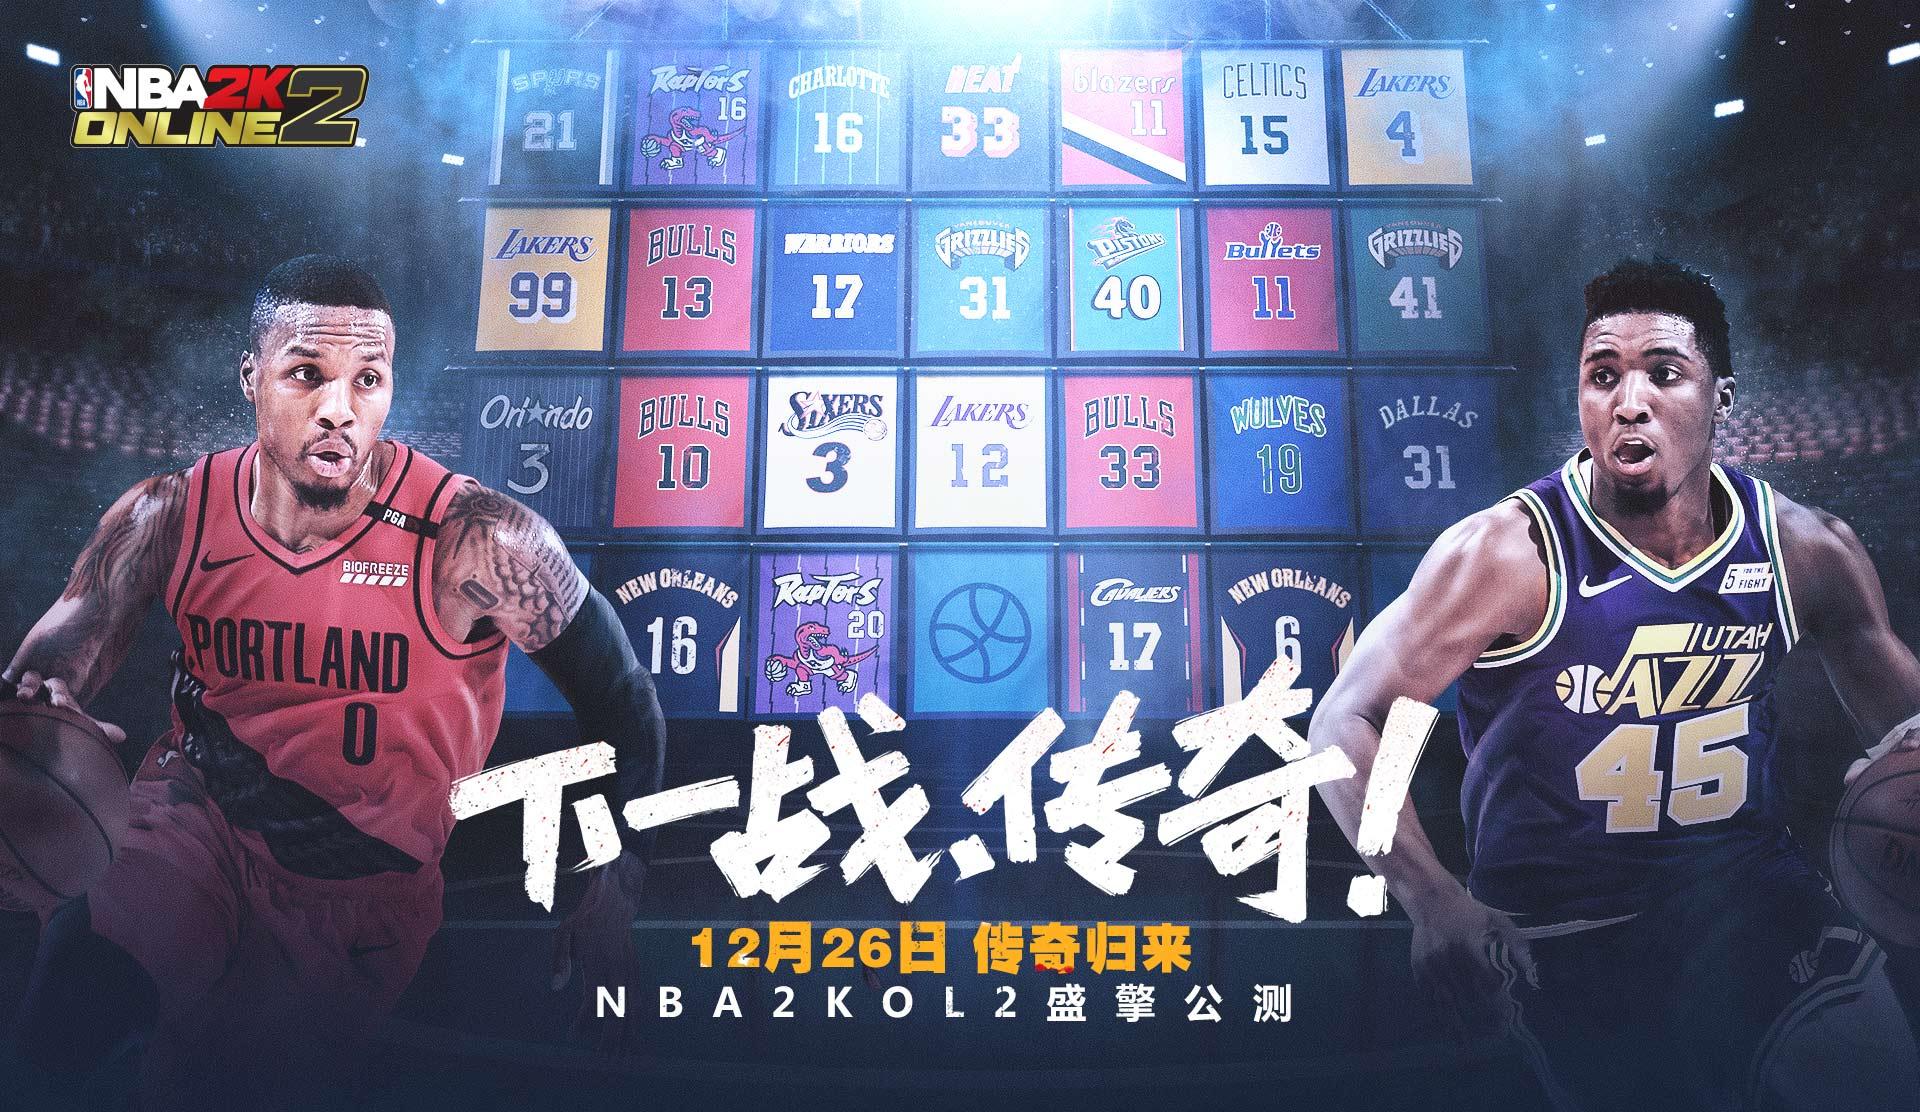 NBA2KOL2-壁纸推荐